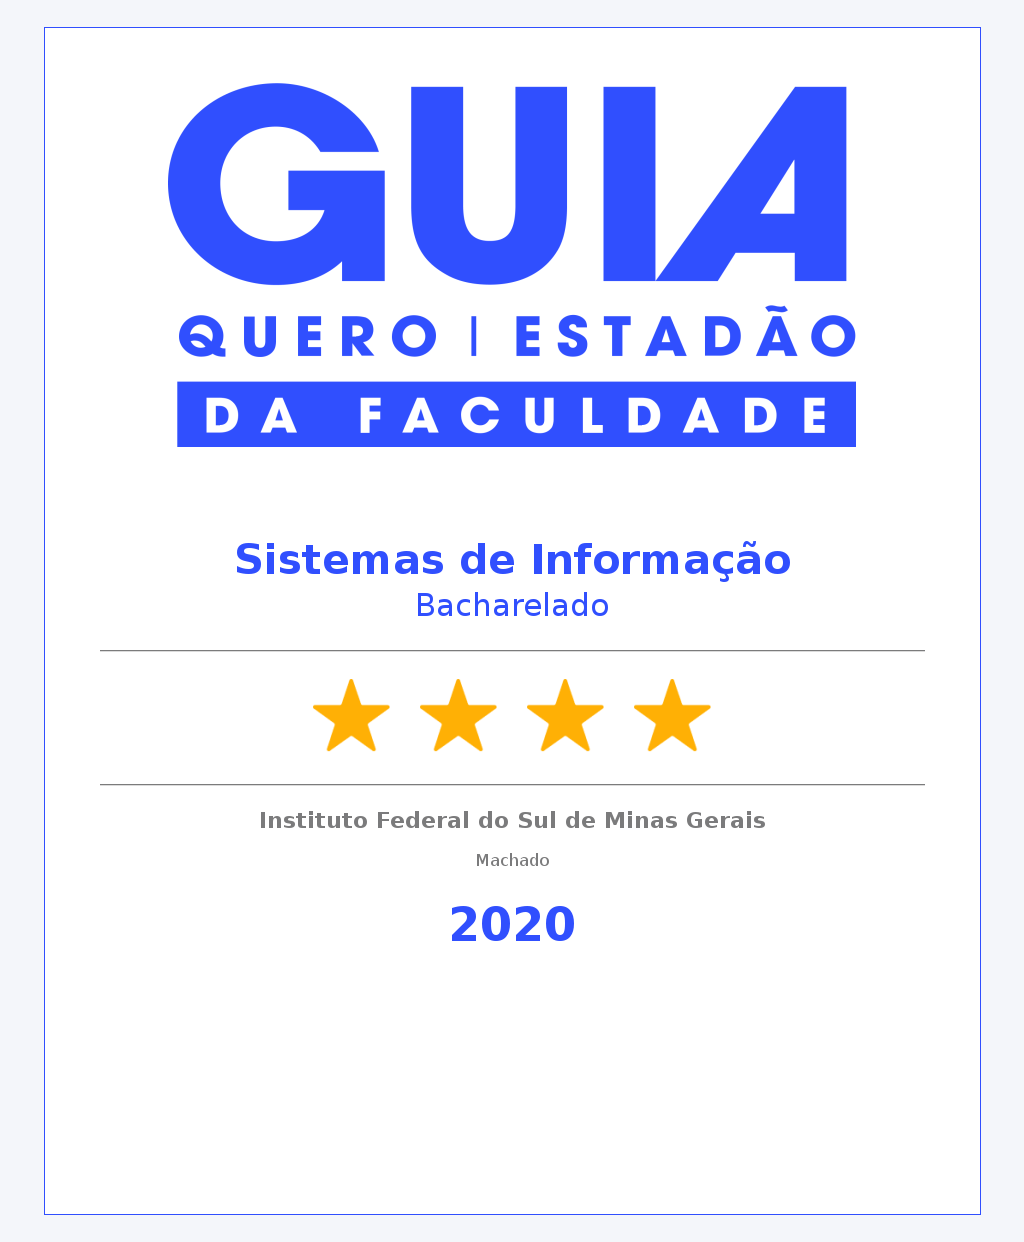 Sistemas De Informação Bacharelado Machado 4 Estrelas